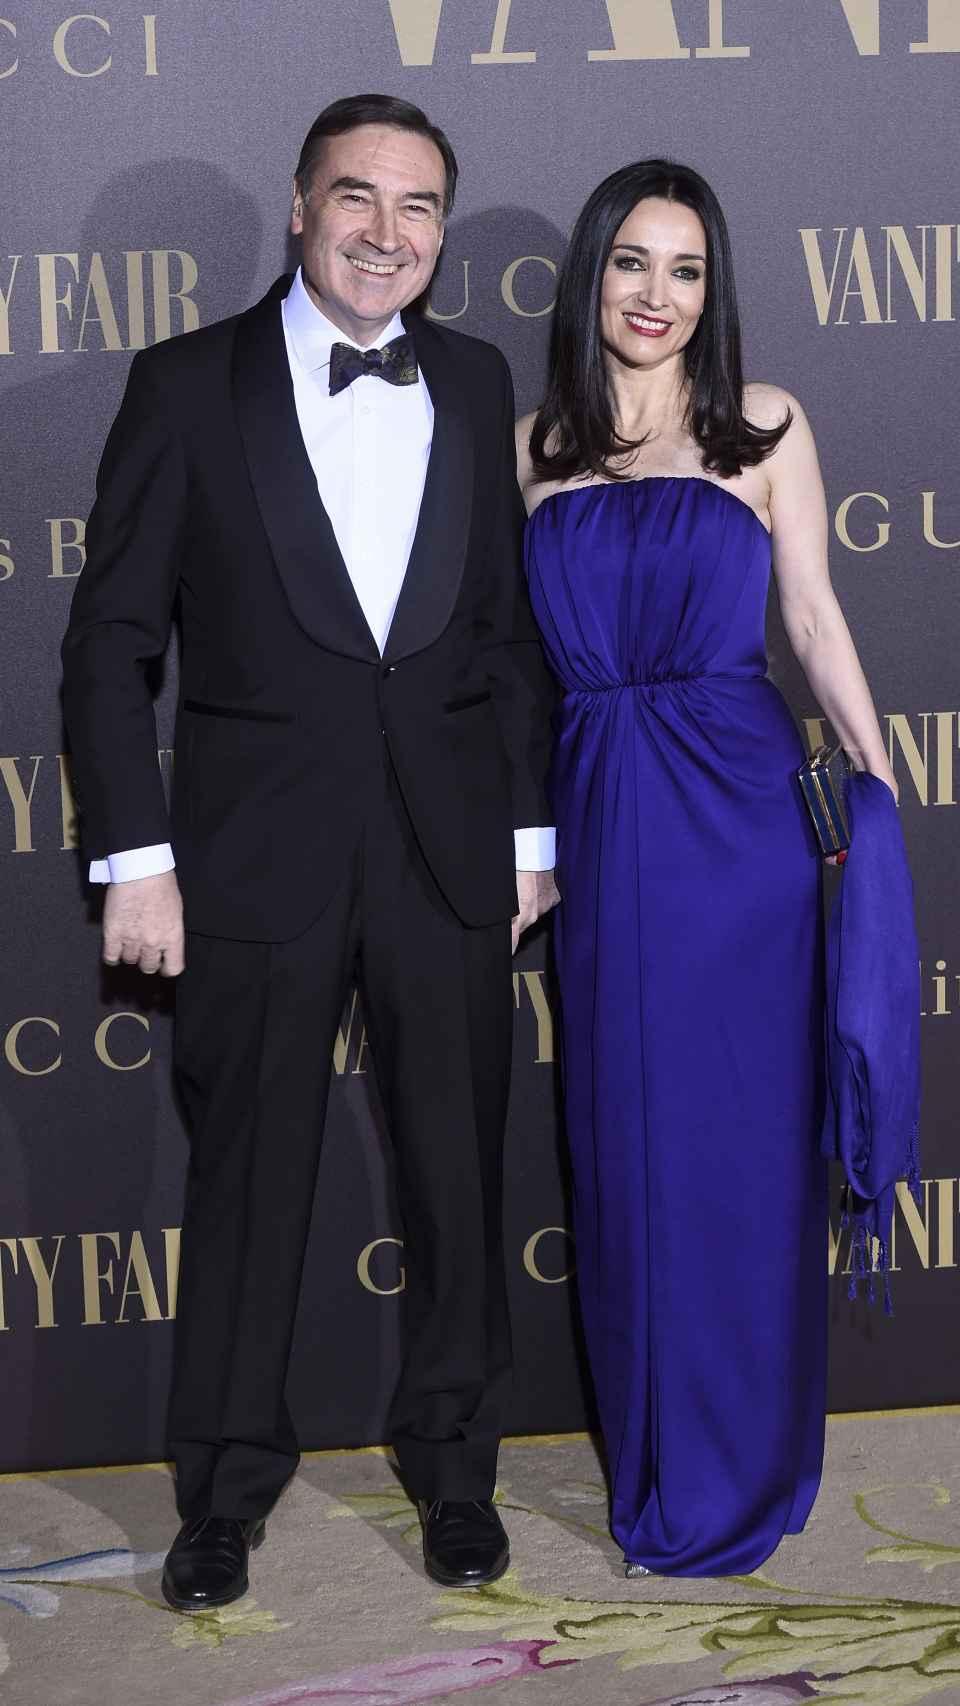 Pedro J. Ramírez y Cruz Sánchez de Lara, el martes por la noche, en la entrega del premio Personalidad del Año de 'Vanity Fair'.